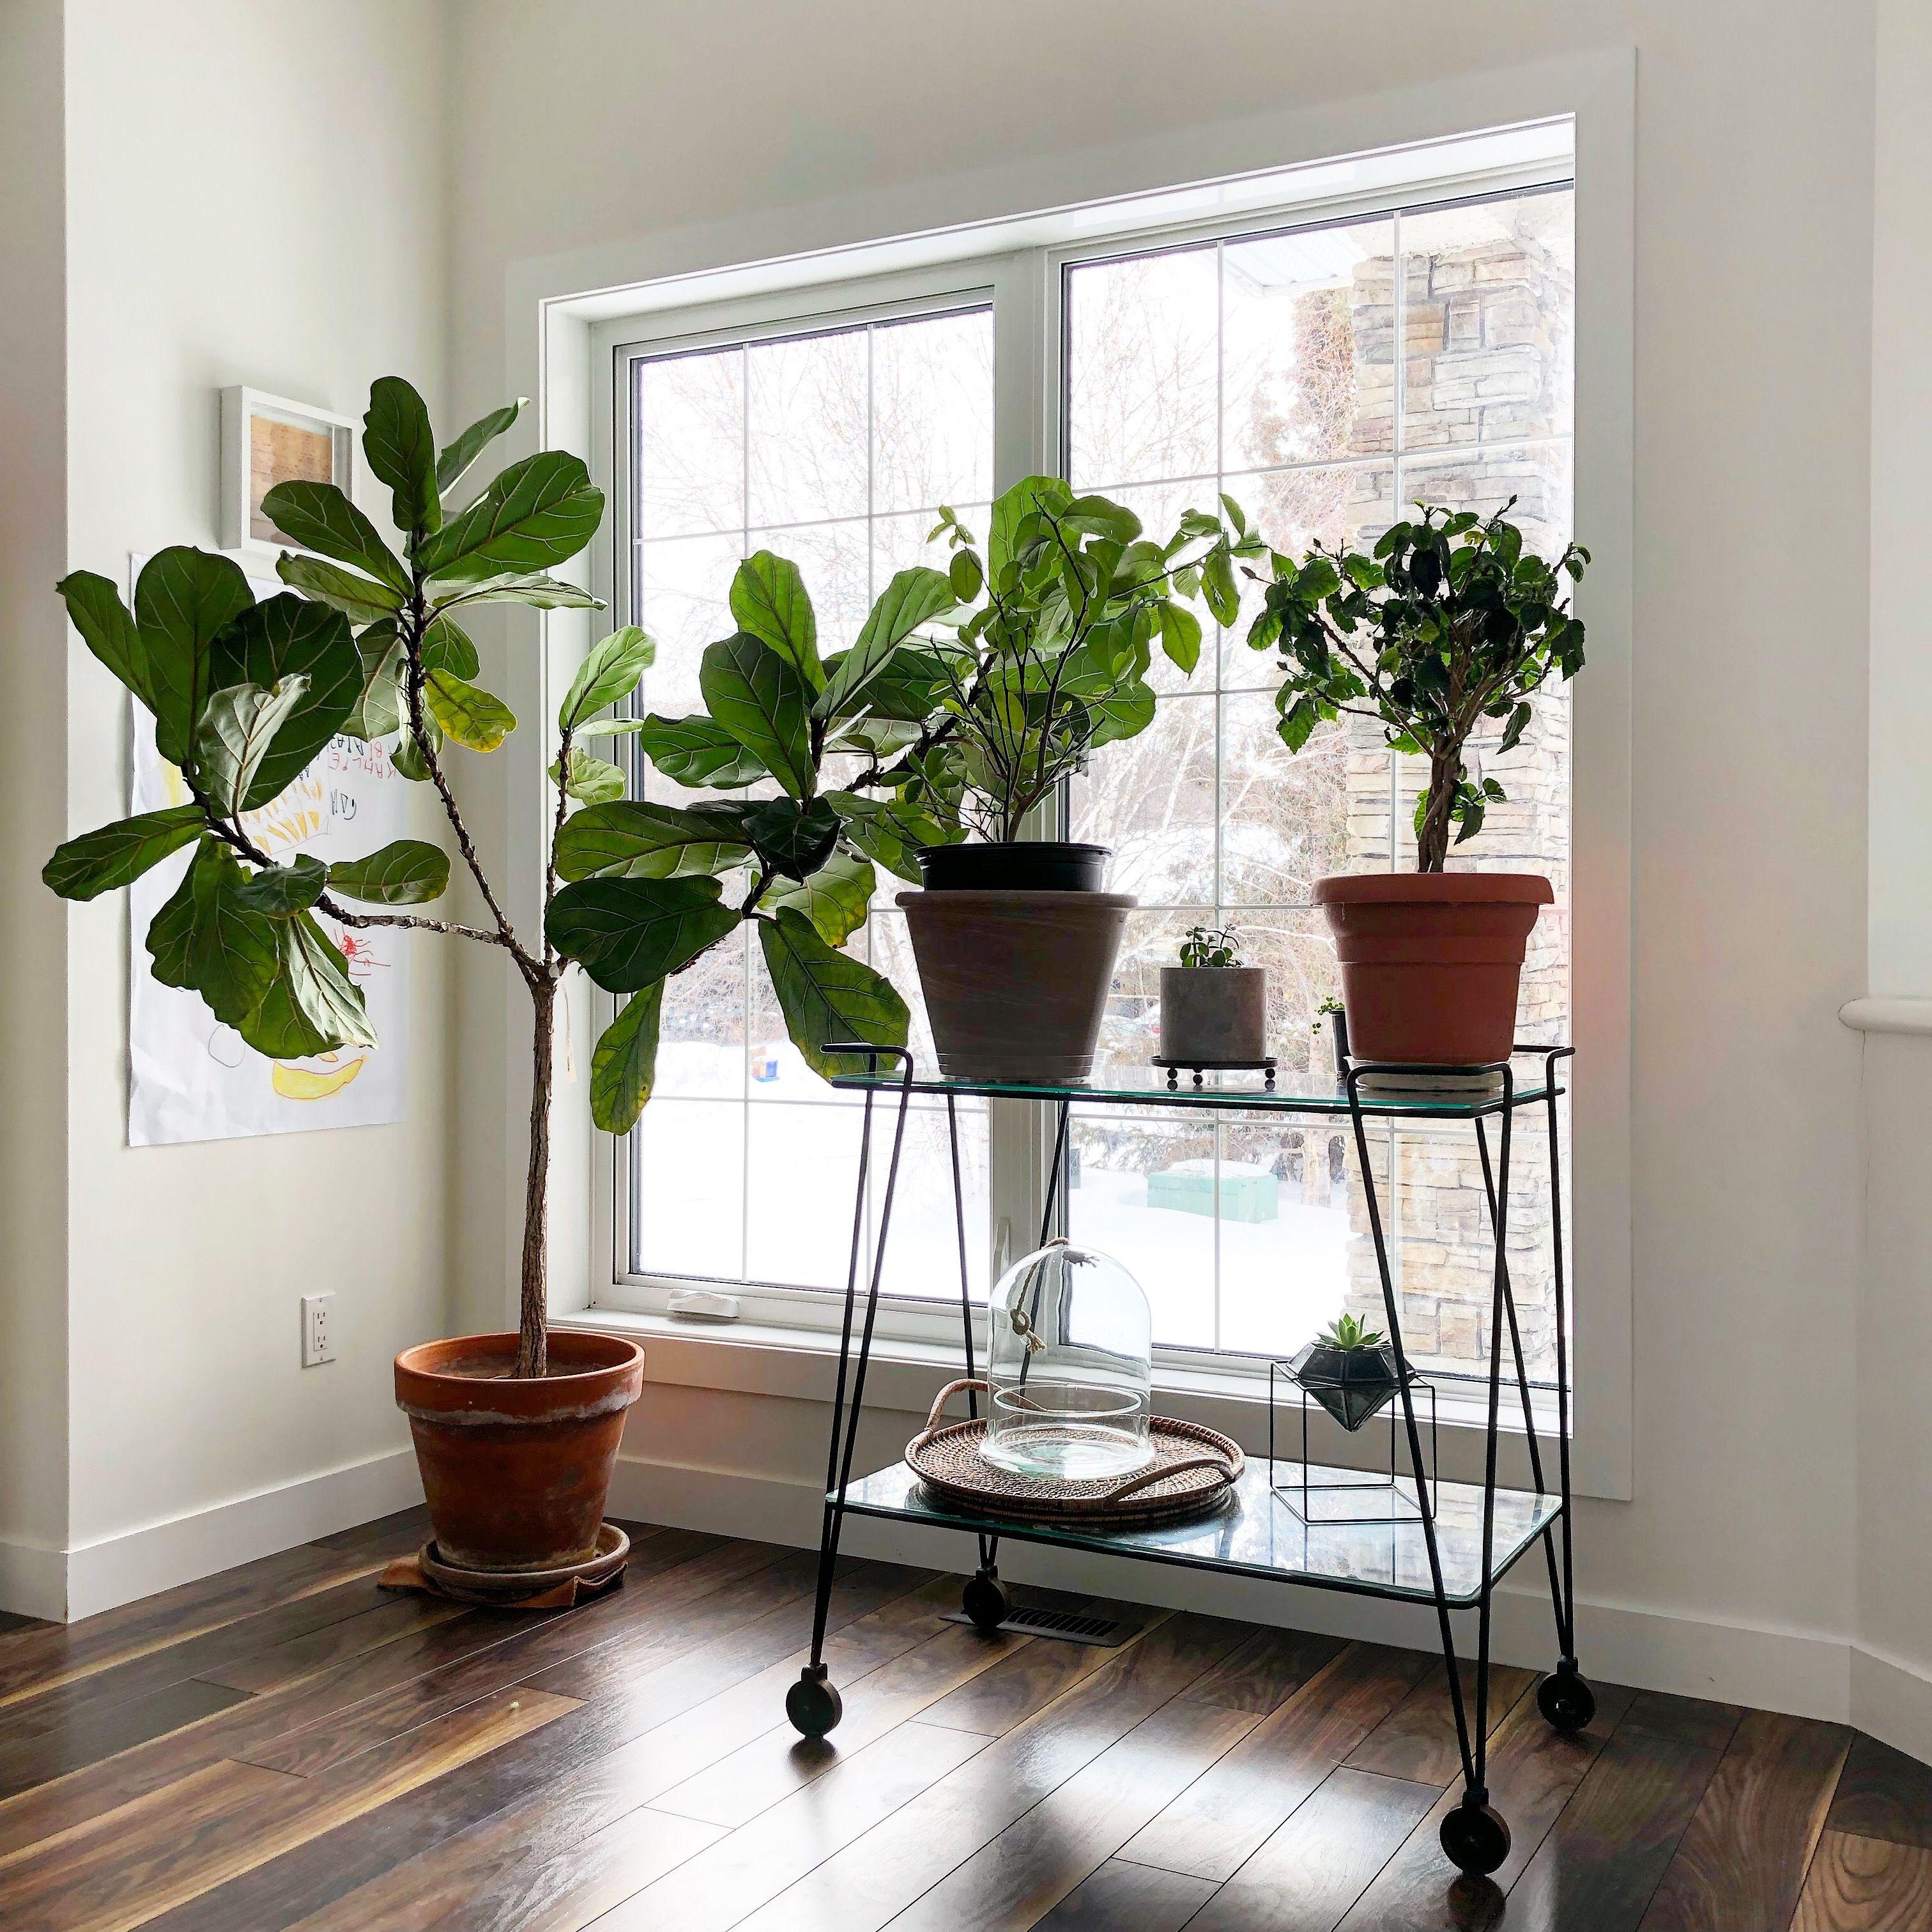 Unique Plant Stands Ideas for Your Home | Plant stand ... on Amazing Plant Stand Ideas  id=68196